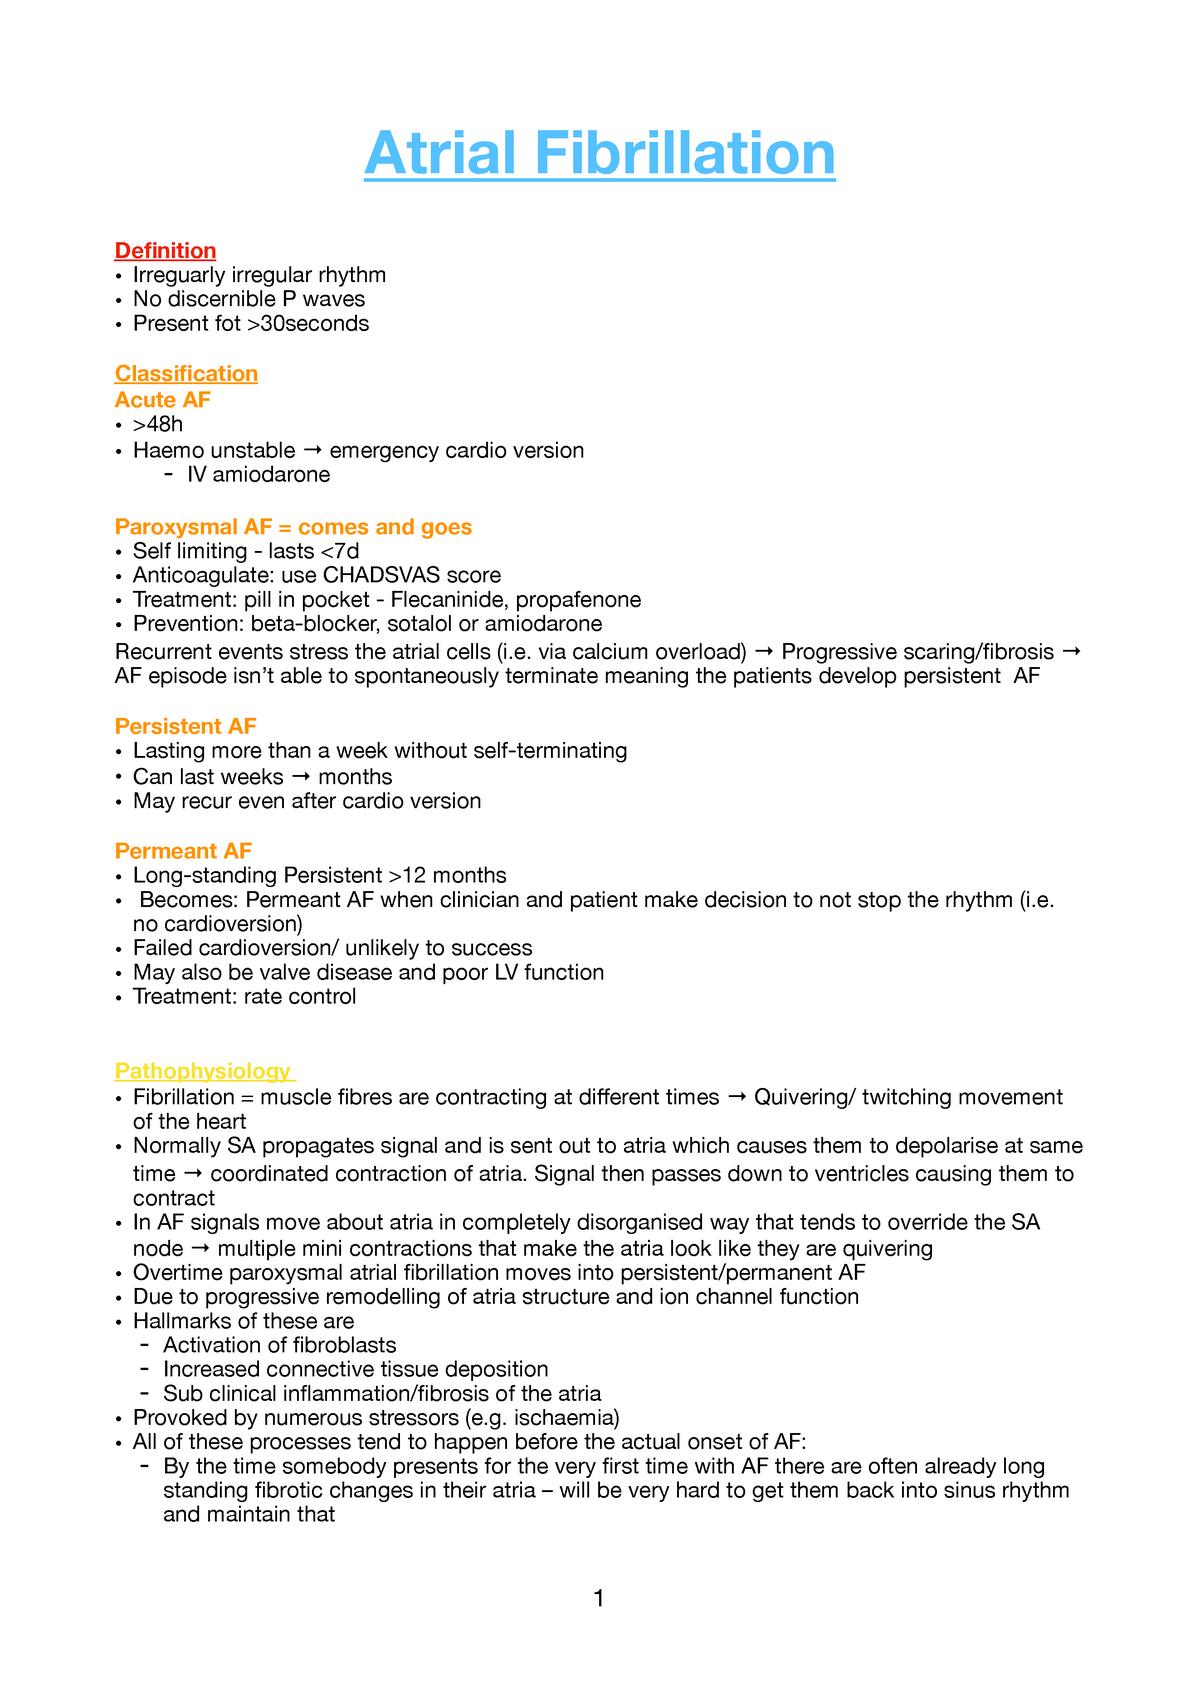 Atrial Fibrillation - MBCHB 3rd Year MED3004 - Gla - StuDocu